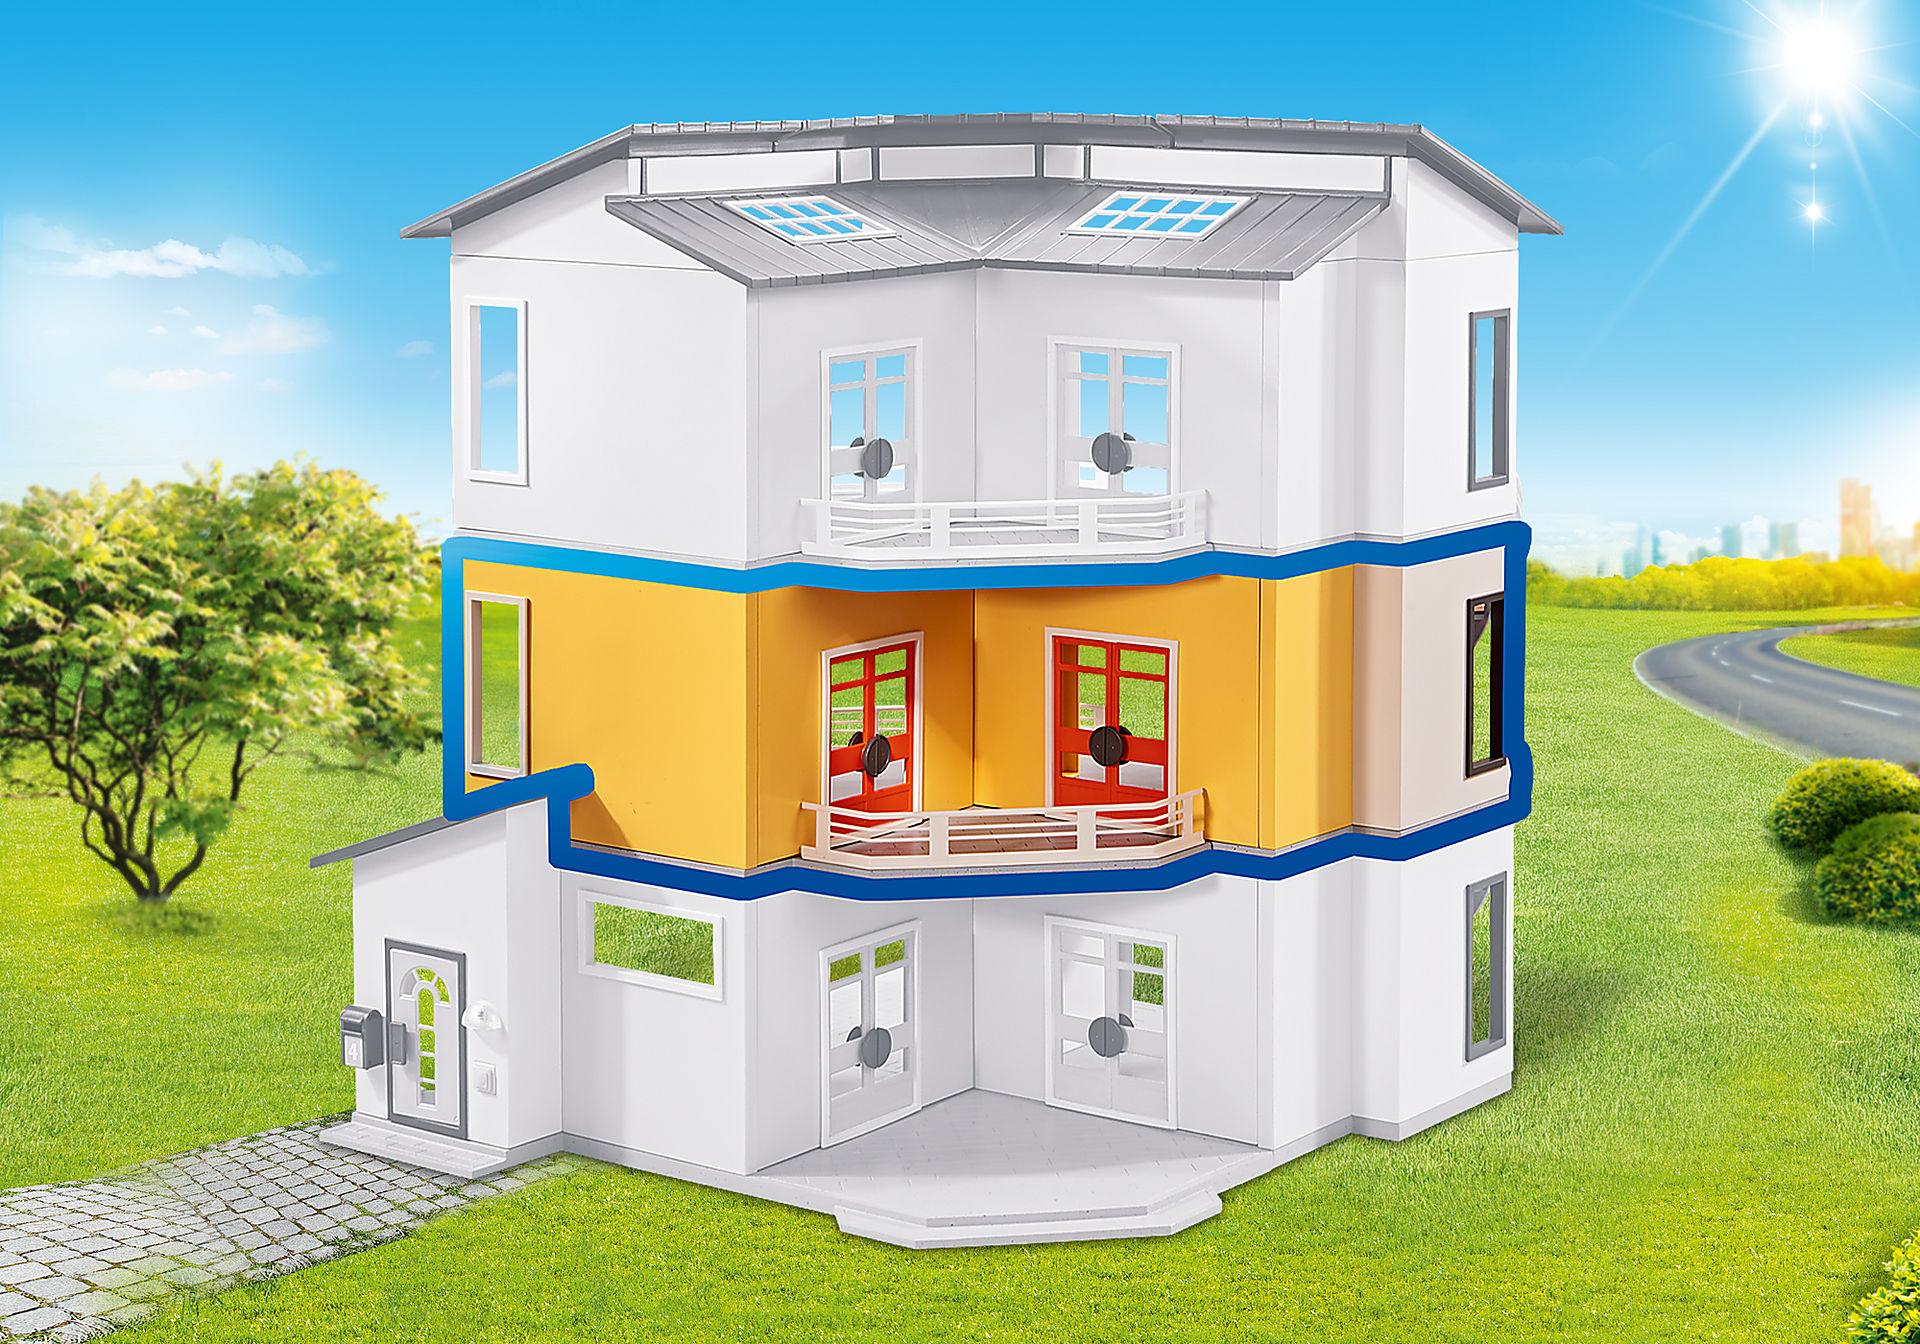 6554 Etage supplémentaire pour Maison moderne  zoom image1